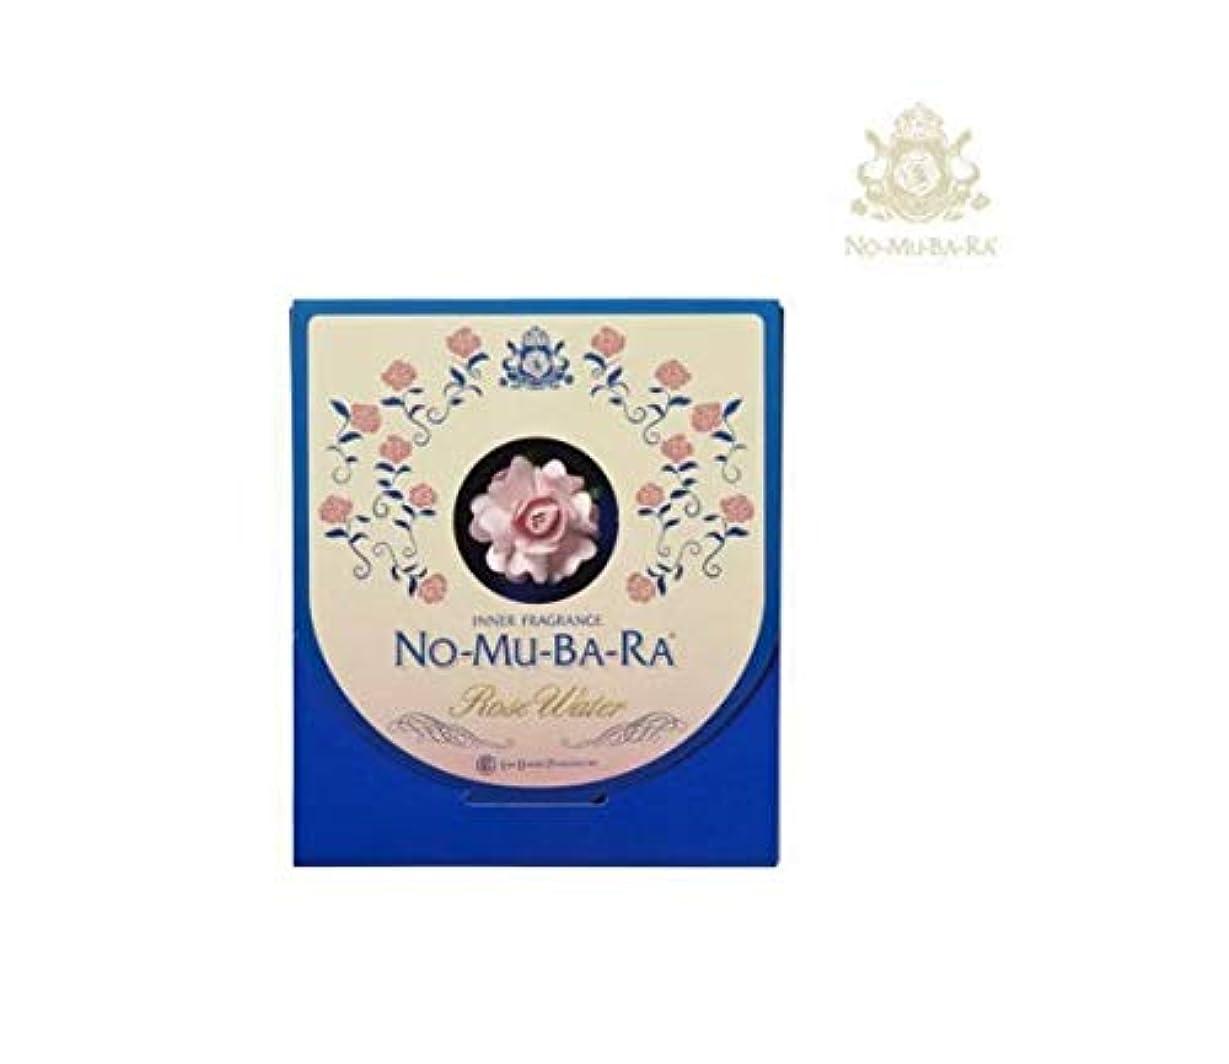 汚物本質的ではない【日本製】飲む ローズウォーター NO-MU-BA-RA ノムバラ 6包入 お試し 国産 父の日 母の日 飲むバラ水 ドリンク nomubara バラサプリ のむばら 口臭 体臭 汗対策